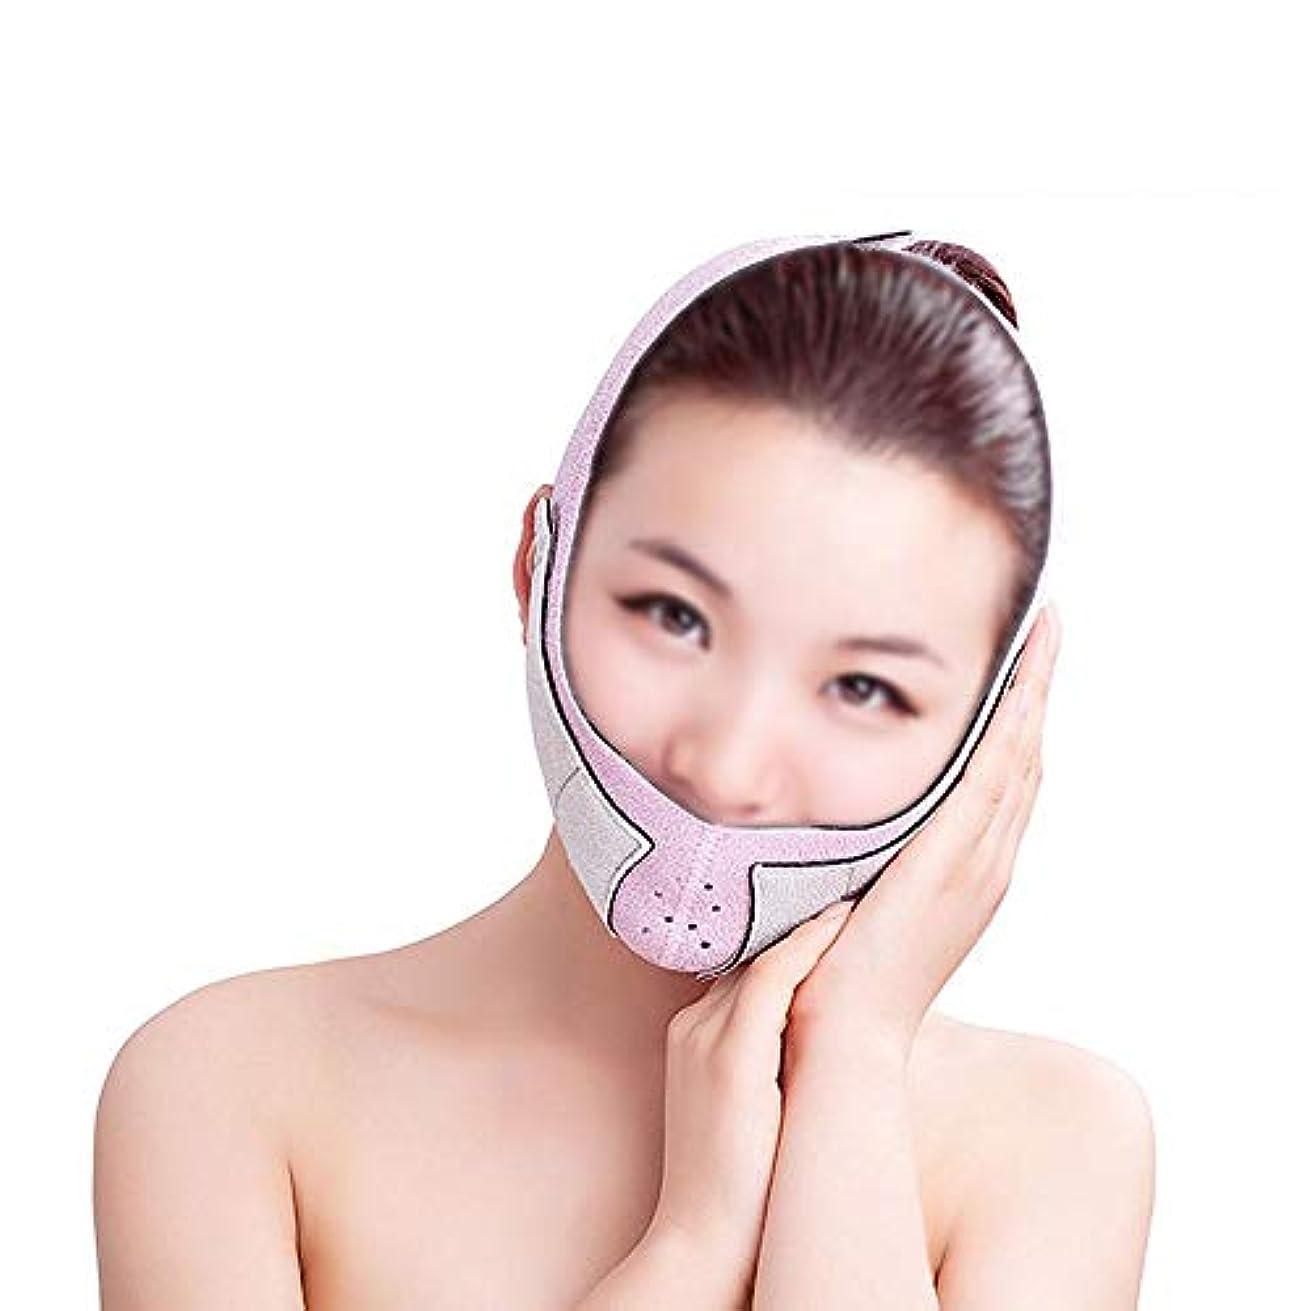 ブロー雇用者頑張るXHLMRMJ フェイスリフトマスク、痩身ベルト薄いフェイスマスク強力な持ち上げ小さなV顔薄い顔包帯美容フェイスリフティングデバイス